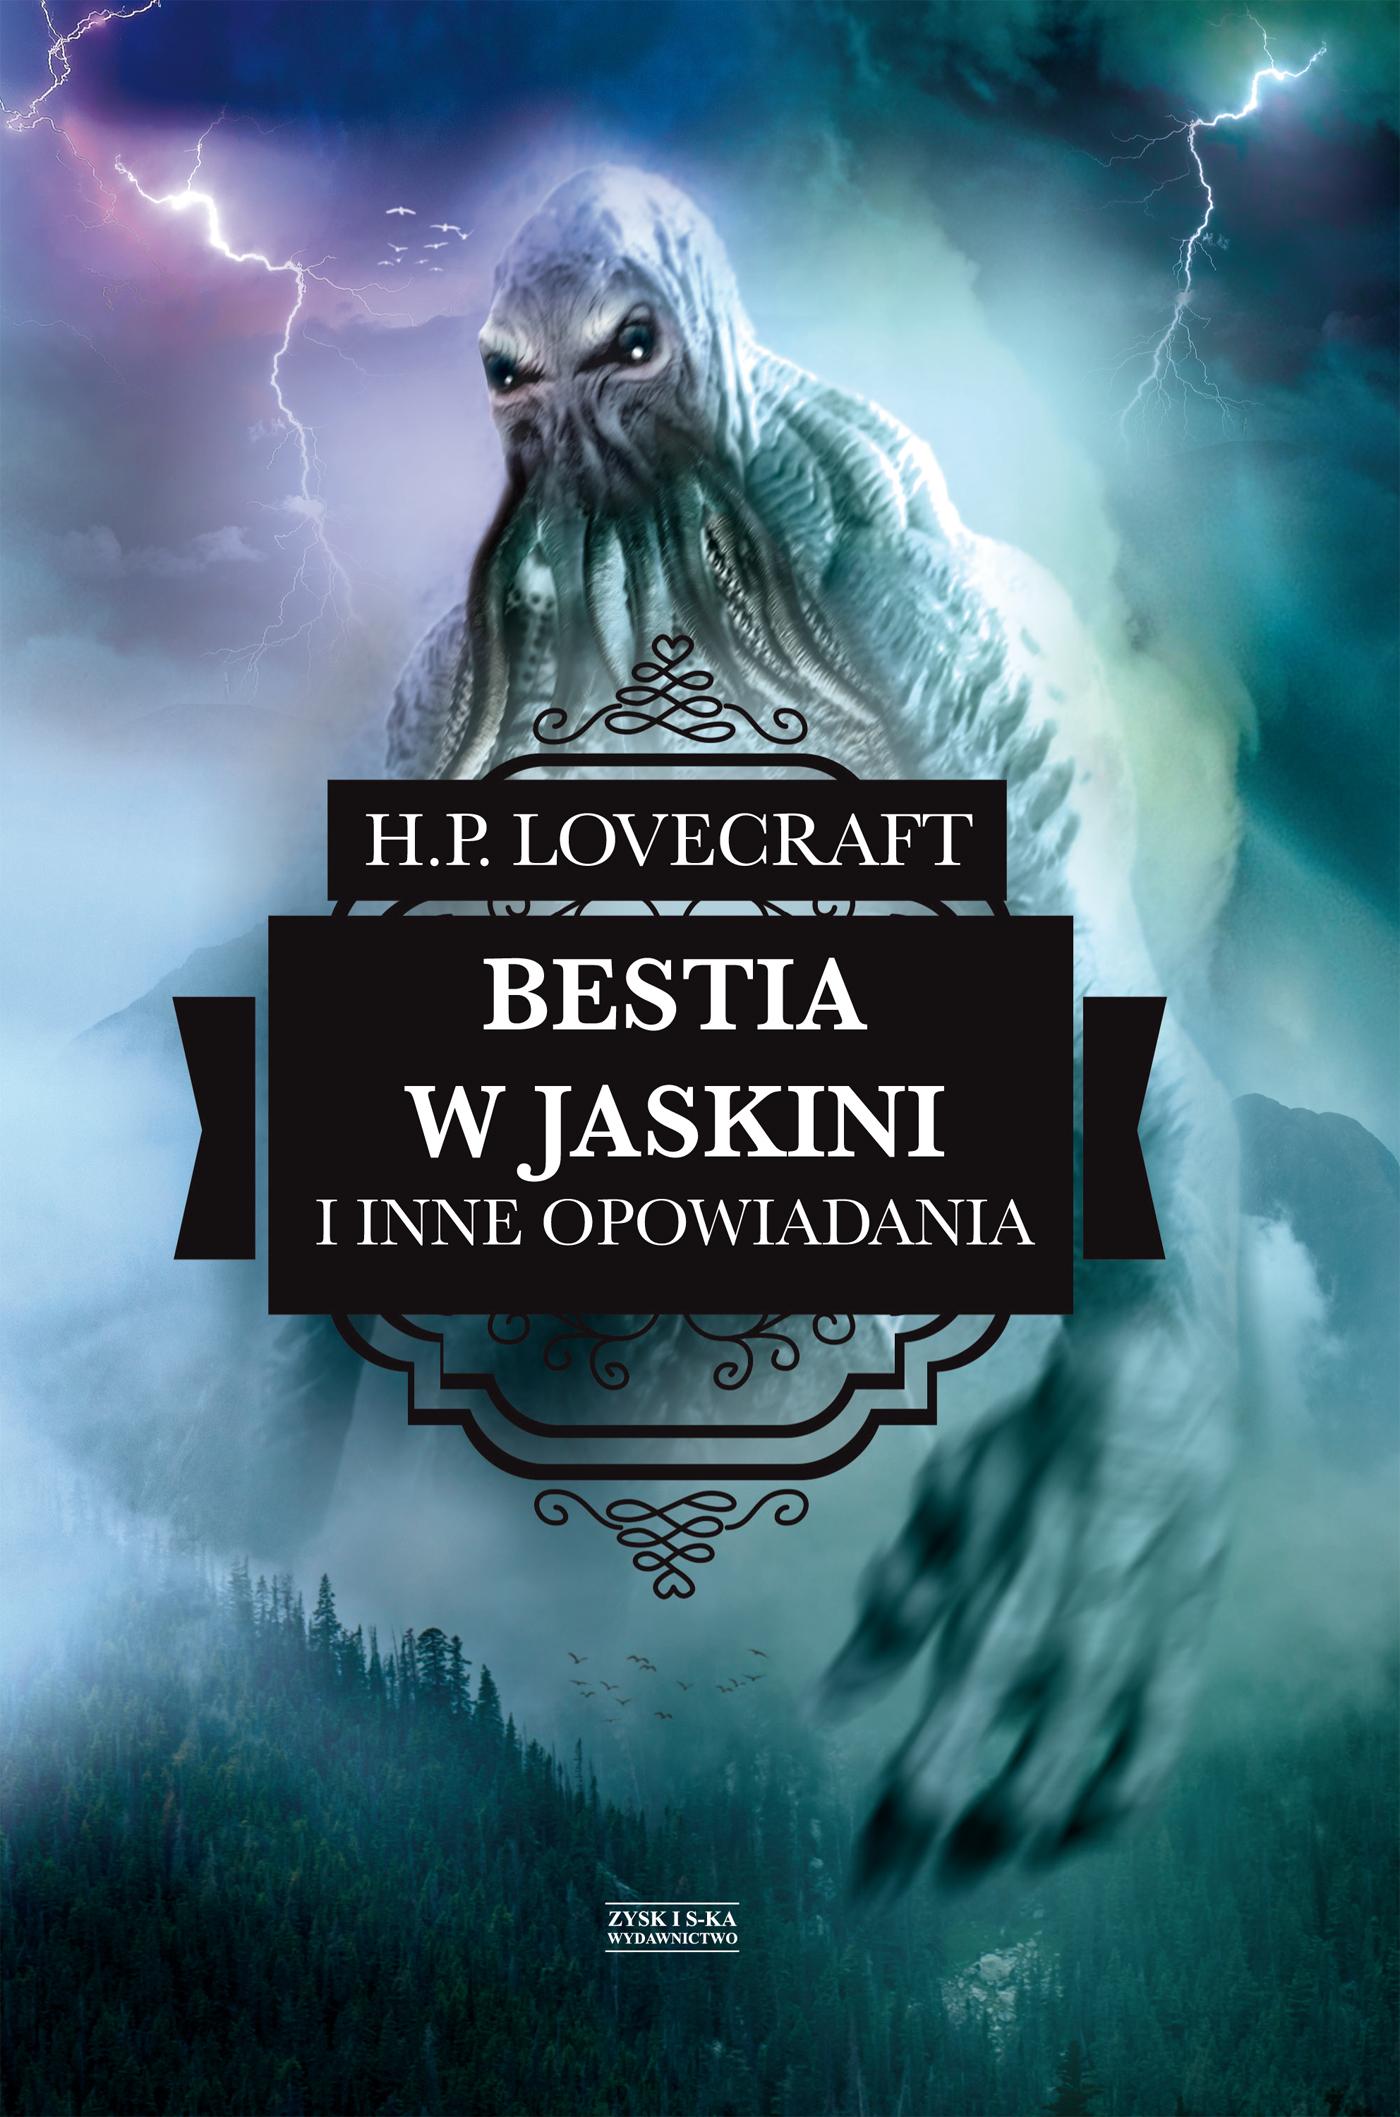 H.P. Lovecraft Bestia w jaskini i inne opowiadania